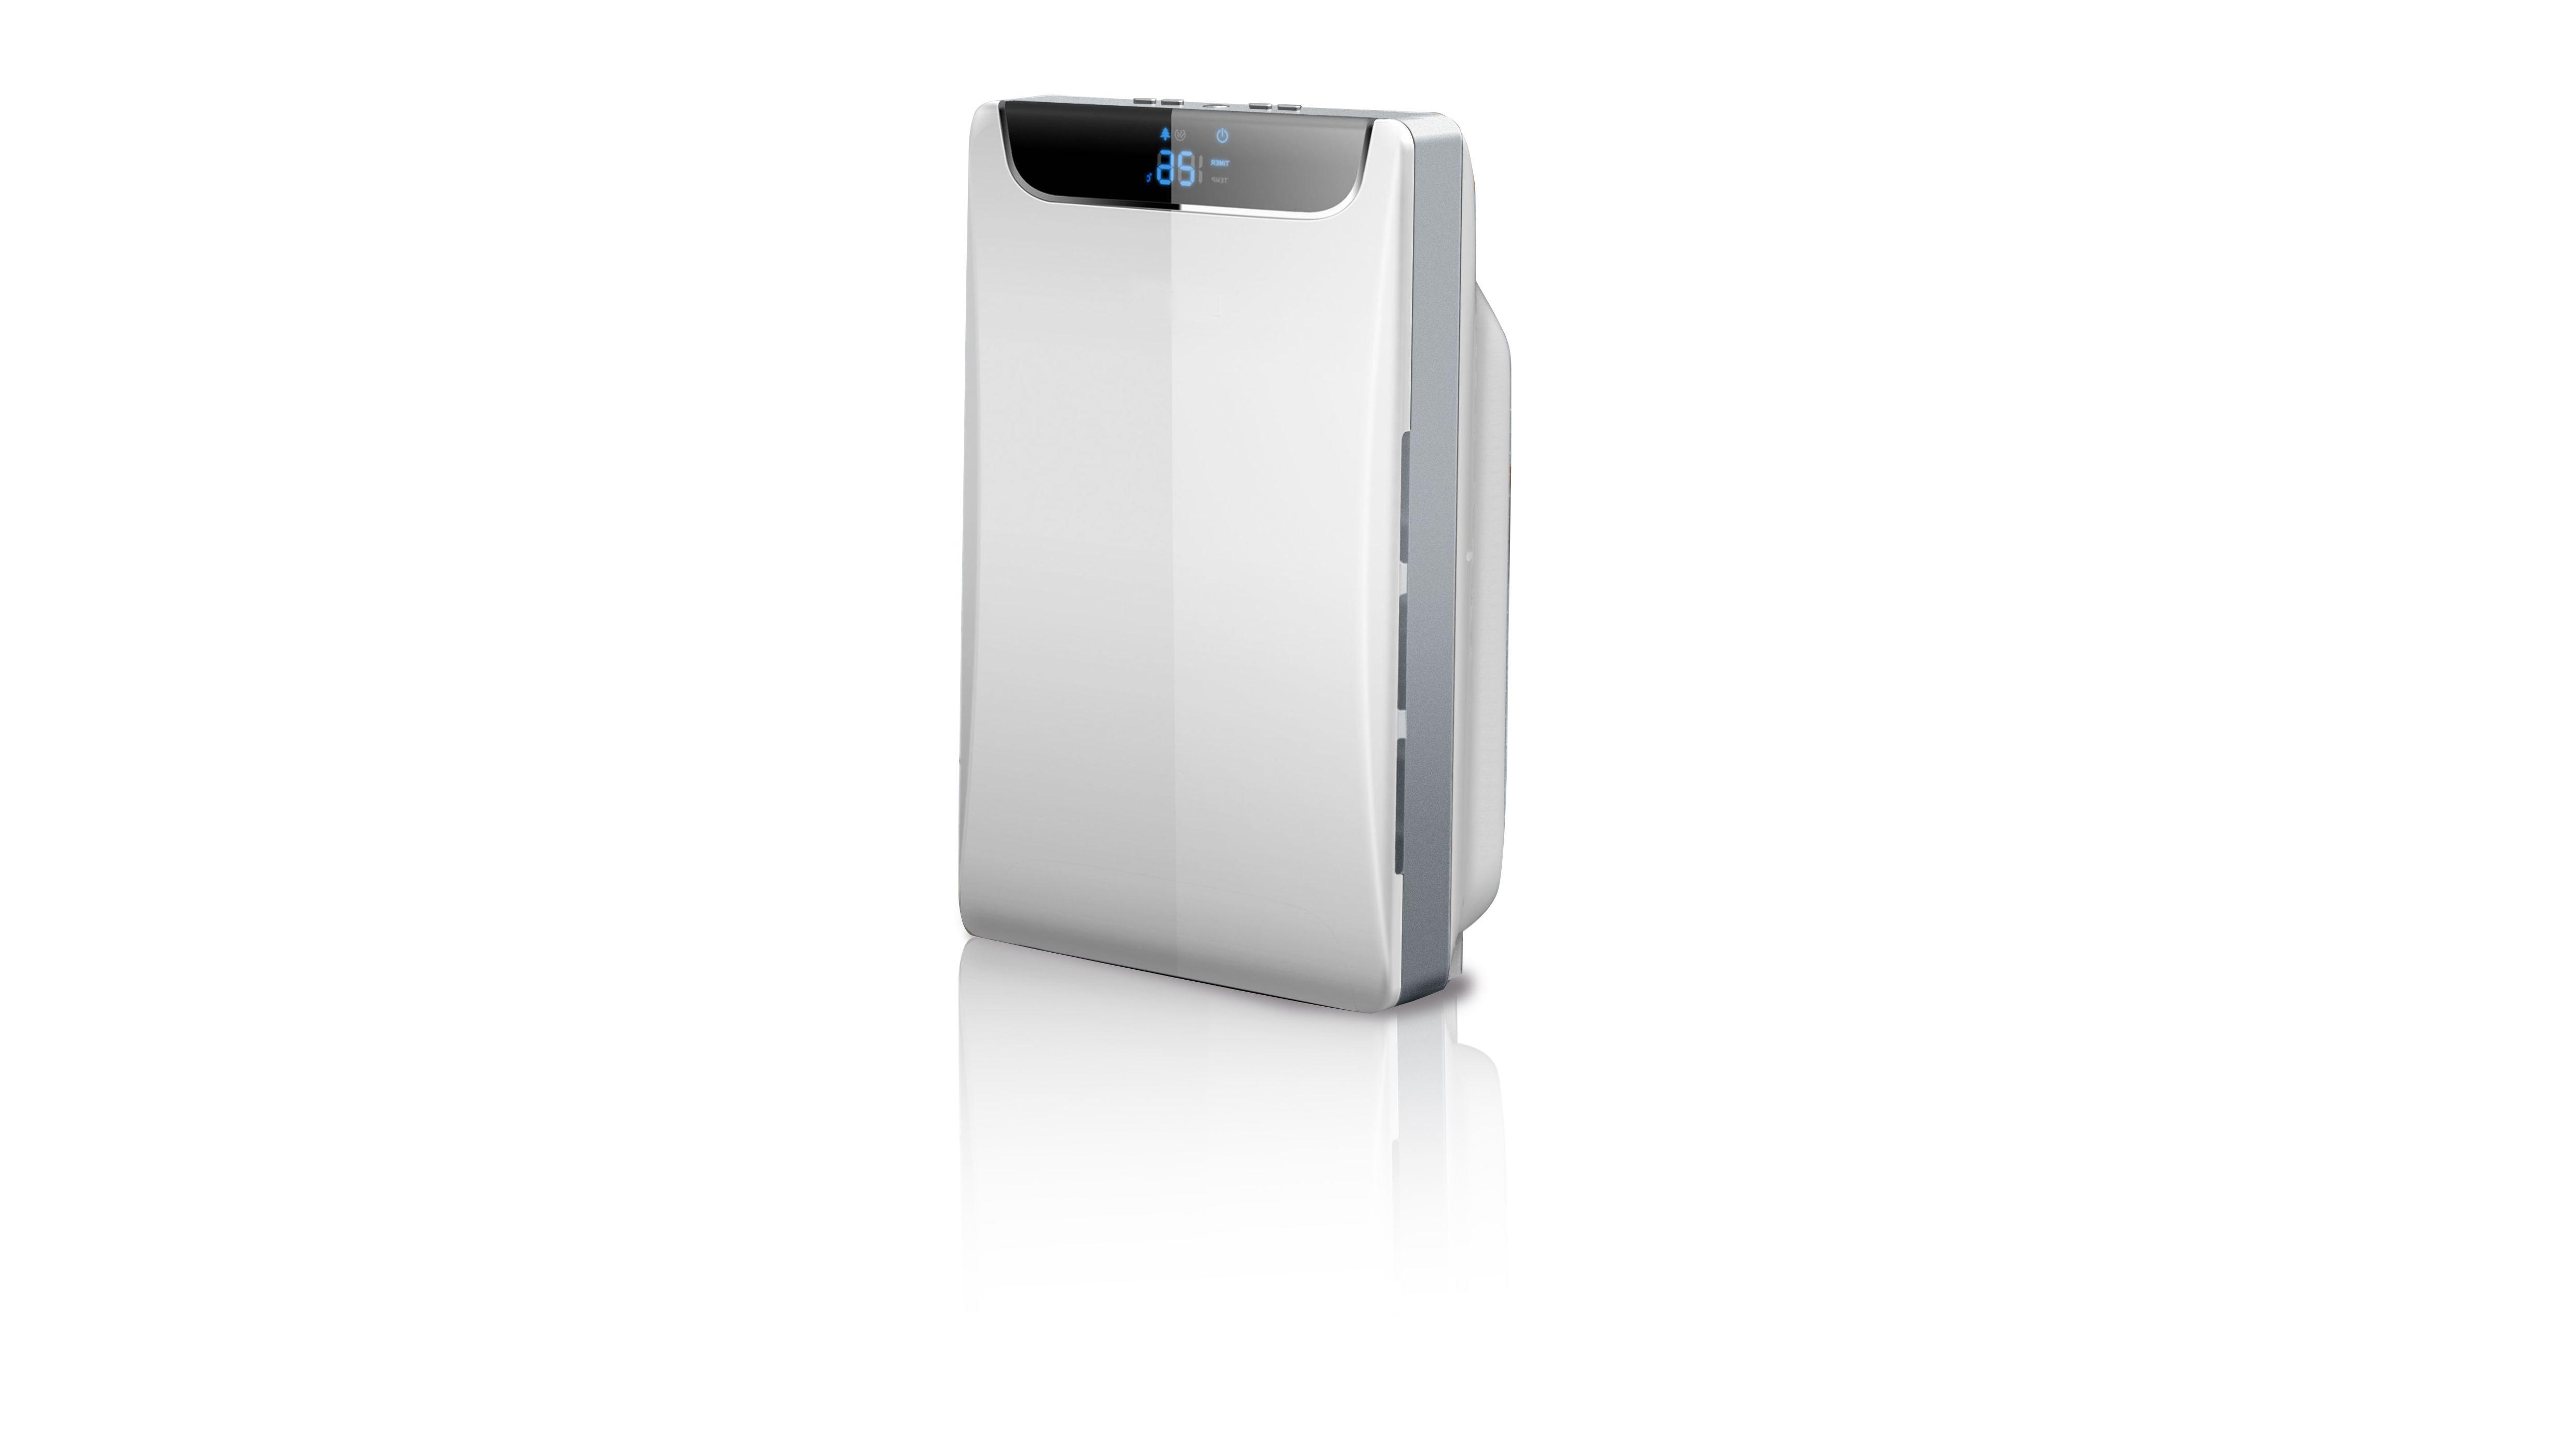 负离子空气净化器效果—负离子空气净化器好用吗